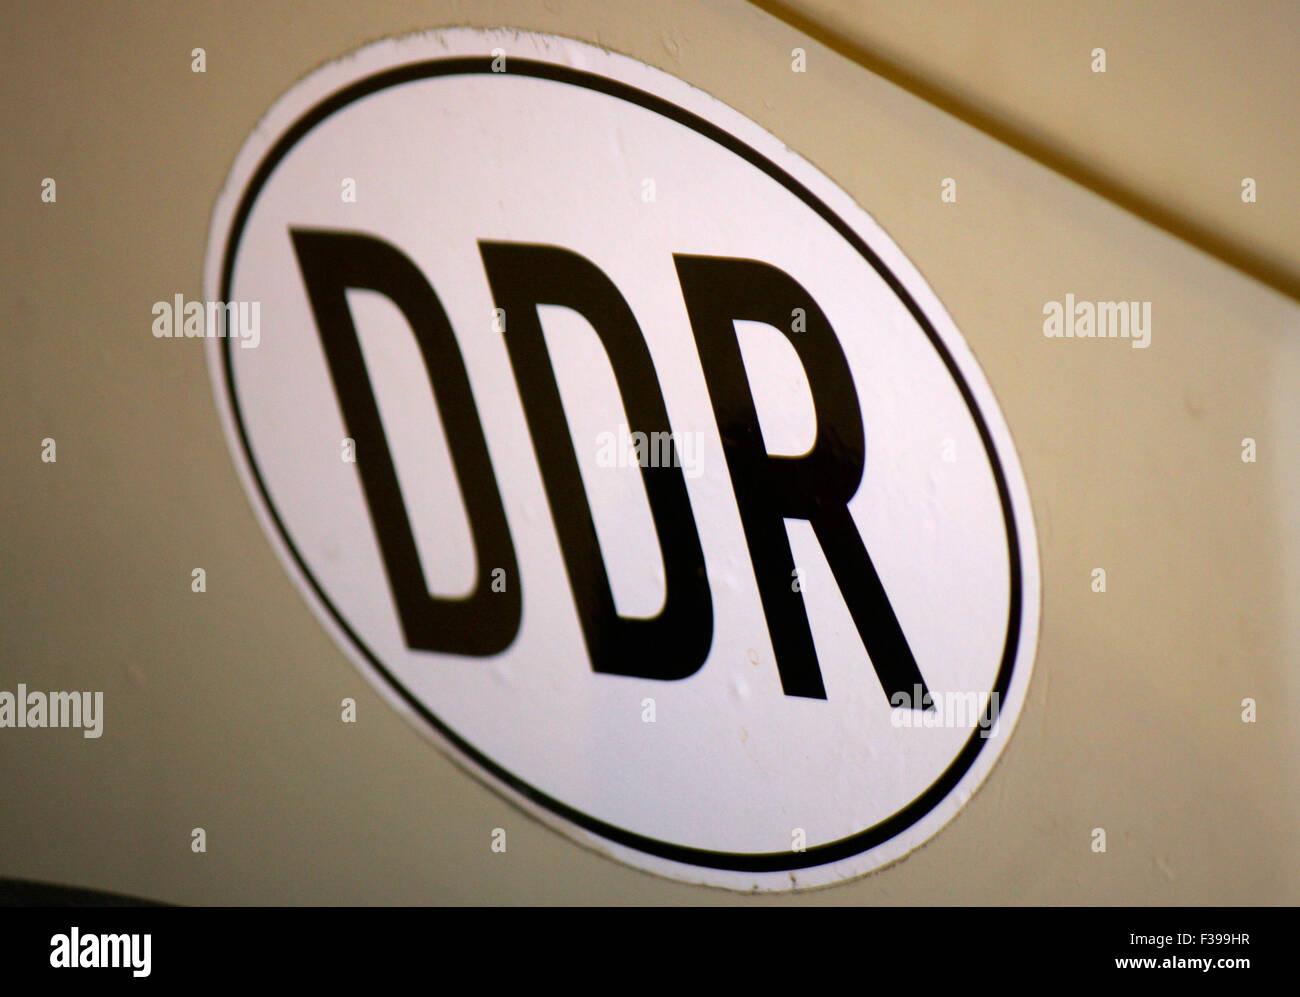 Laender-Abzeichen 'DDR', Berlin. - Stock Image